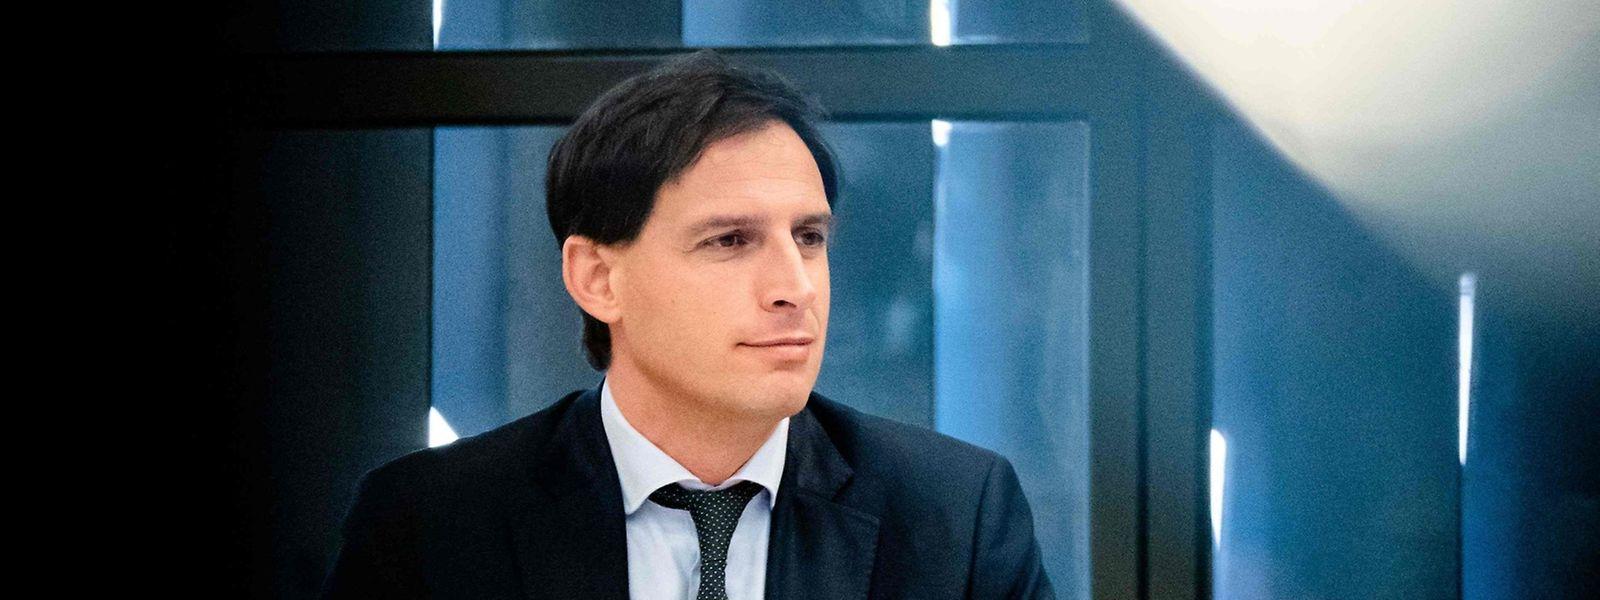 Le ministre des Finances néerlandais fait partie des premiers opposants aux coronabonds.